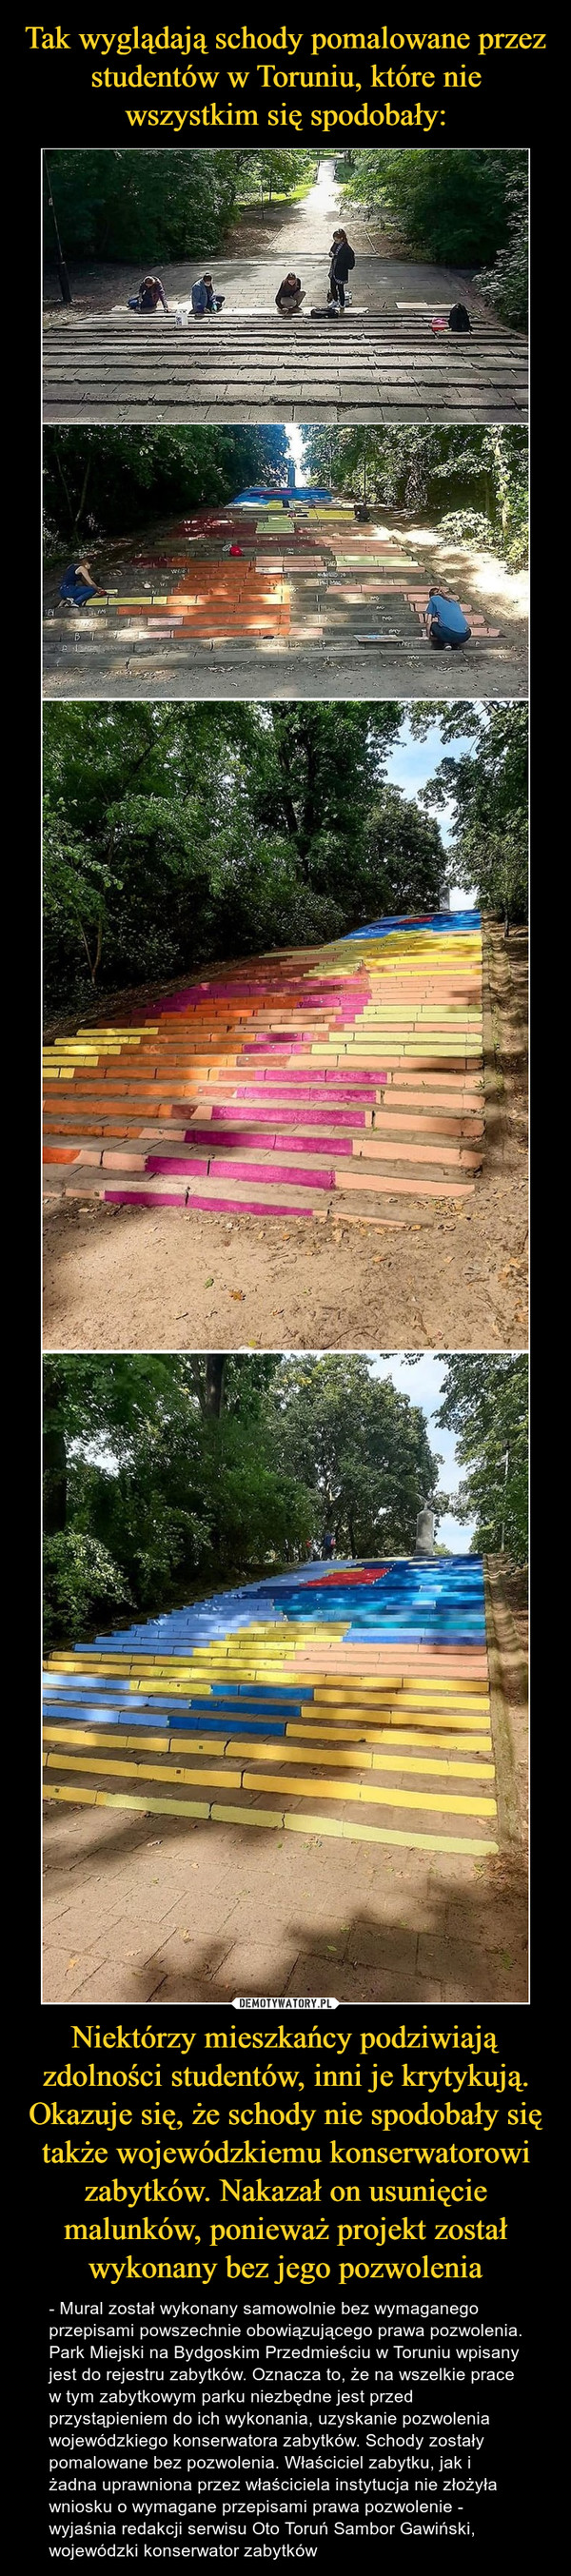 Niektórzy mieszkańcy podziwiają zdolności studentów, inni je krytykują. Okazuje się, że schody nie spodobały się także wojewódzkiemu konserwatorowi zabytków. Nakazał on usunięcie malunków, ponieważ projekt został wykonany bez jego pozwolenia – - Mural został wykonany samowolnie bez wymaganego przepisami powszechnie obowiązującego prawa pozwolenia. Park Miejski na Bydgoskim Przedmieściu w Toruniu wpisany jest do rejestru zabytków. Oznacza to, że na wszelkie prace w tym zabytkowym parku niezbędne jest przed przystąpieniem do ich wykonania, uzyskanie pozwolenia wojewódzkiego konserwatora zabytków. Schody zostały pomalowane bez pozwolenia. Właściciel zabytku, jak i żadna uprawniona przez właściciela instytucja nie złożyła wniosku o wymagane przepisami prawa pozwolenie - wyjaśnia redakcji serwisu Oto Toruń Sambor Gawiński, wojewódzki konserwator zabytków